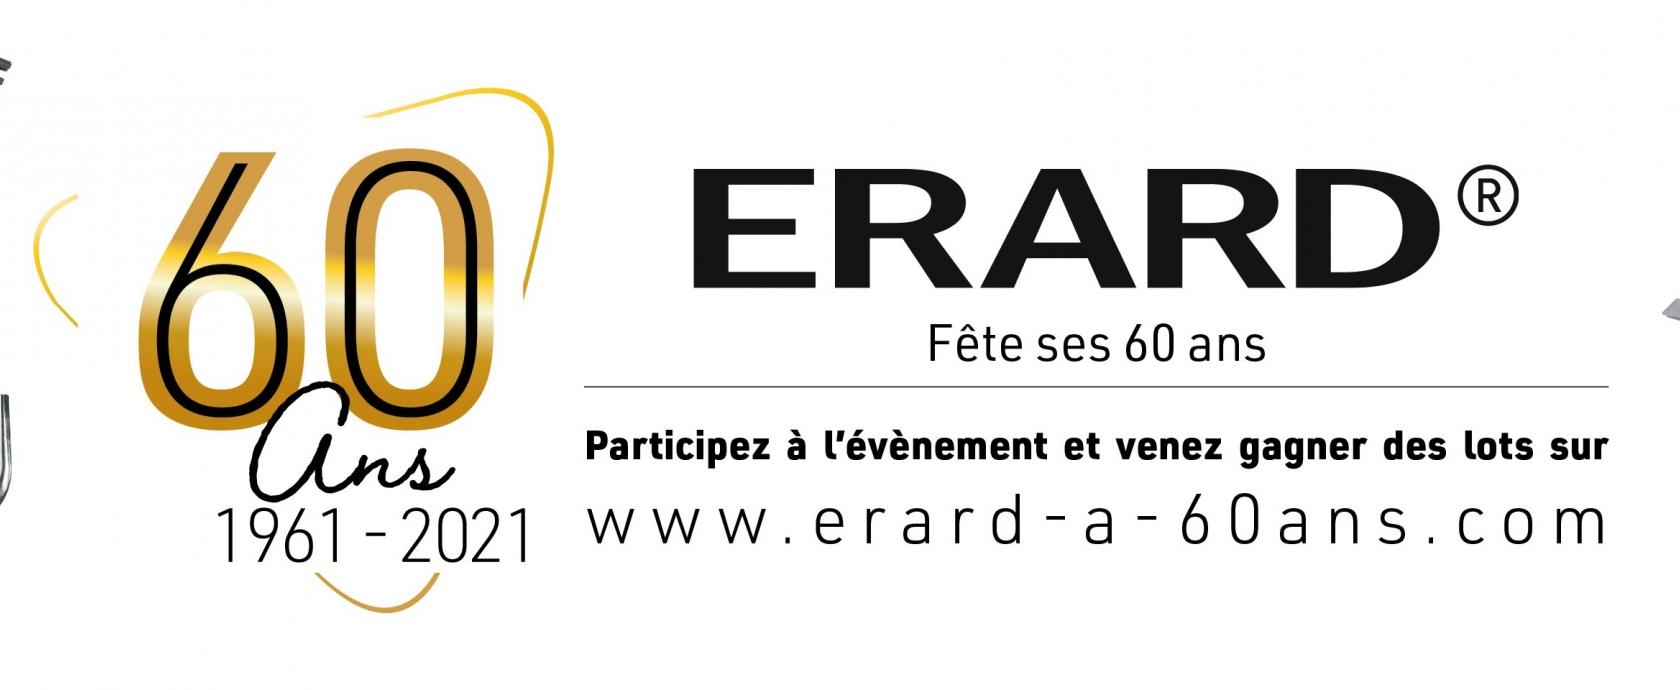 Erard a 60 ans